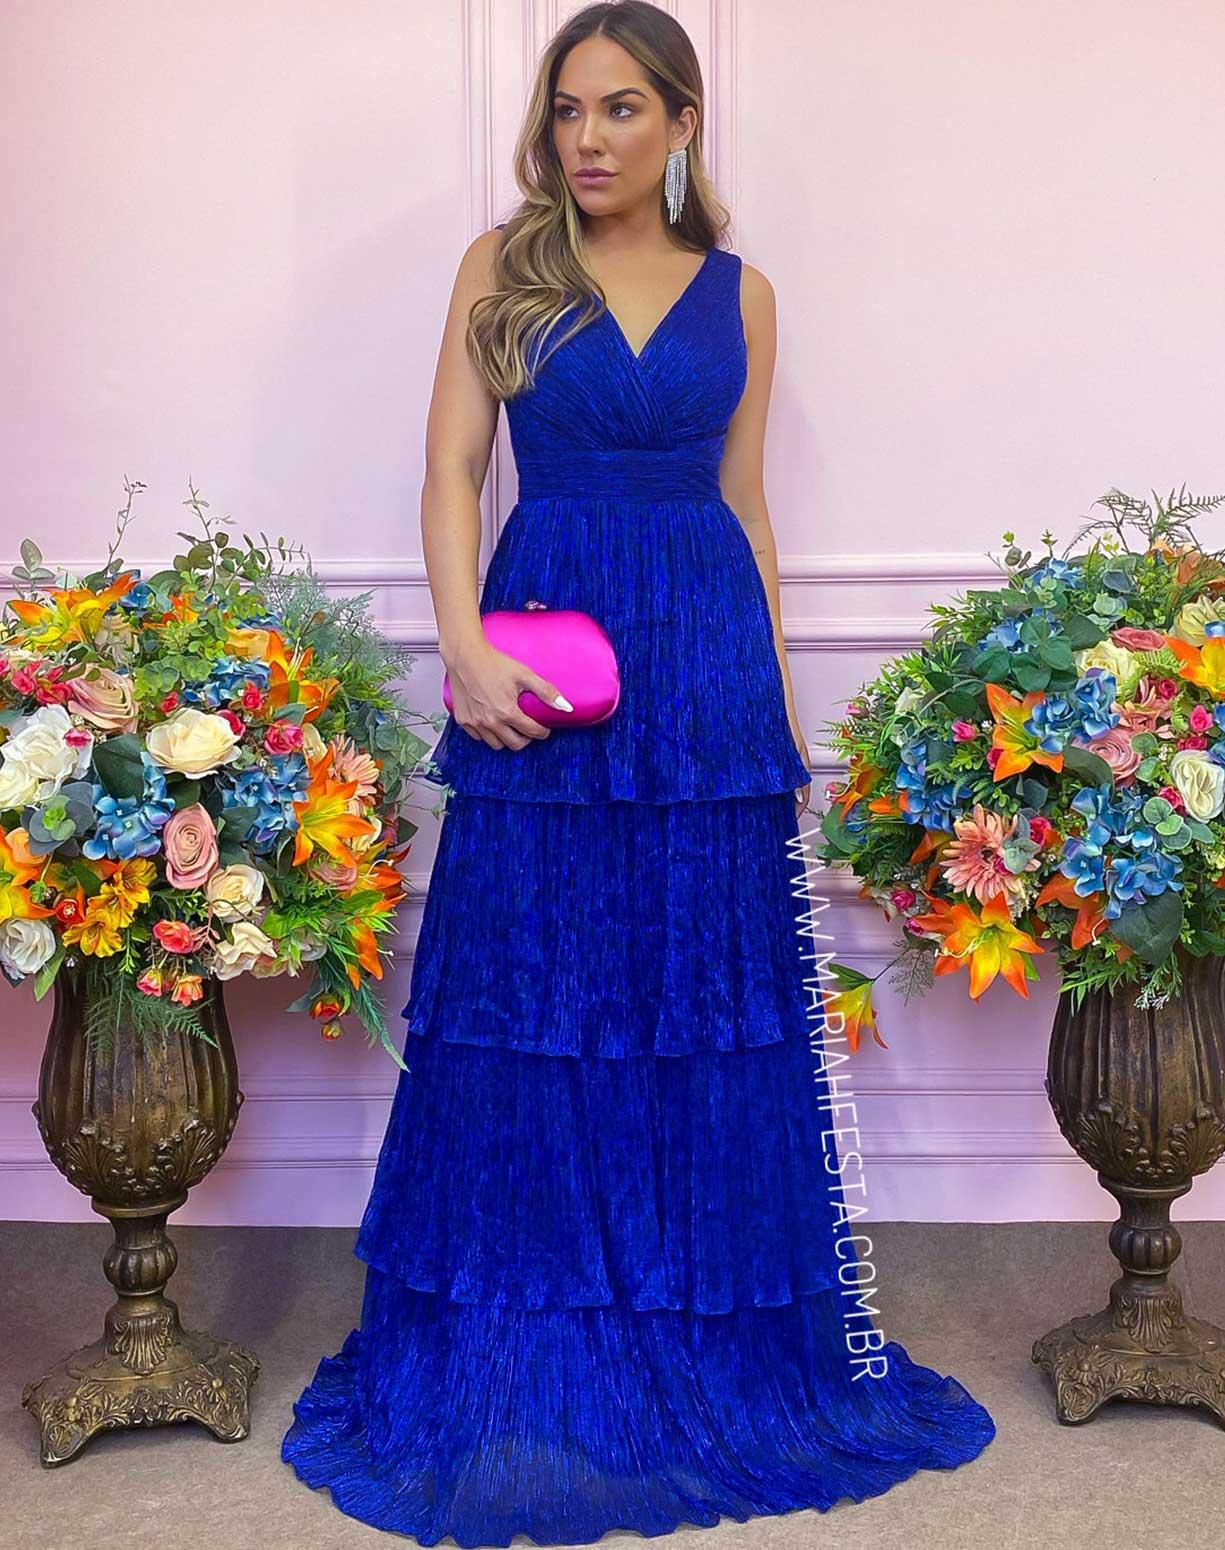 Vestido Azul Royal em Tule de Lurex com Saia em Camadas